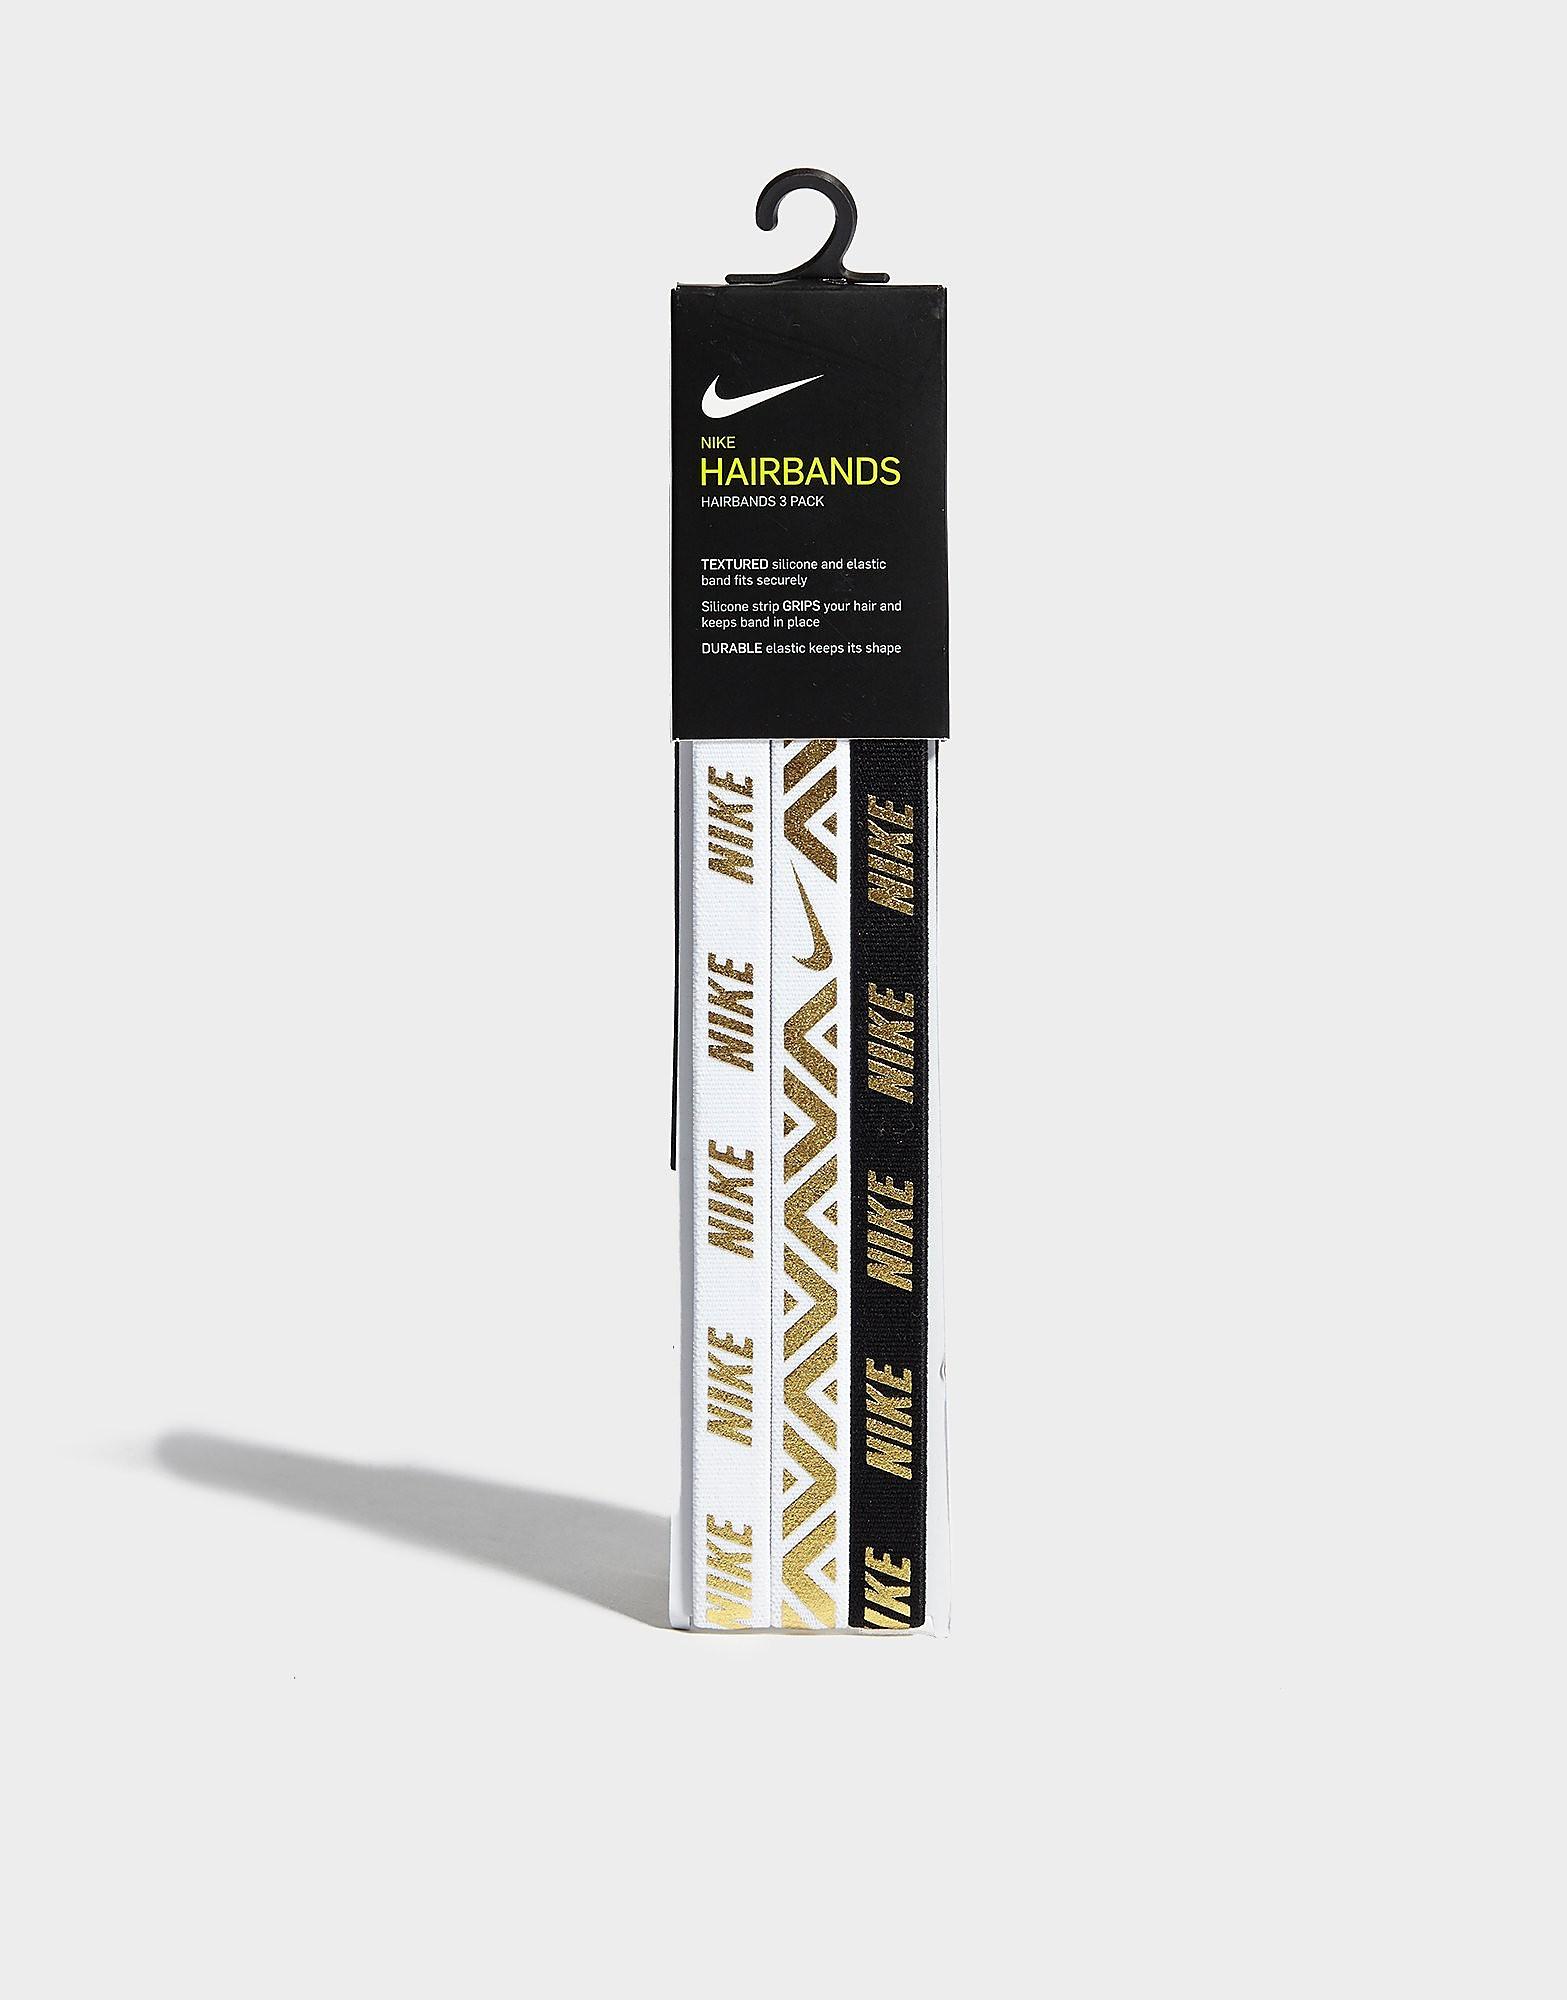 Nike Hairbands 3 Pack